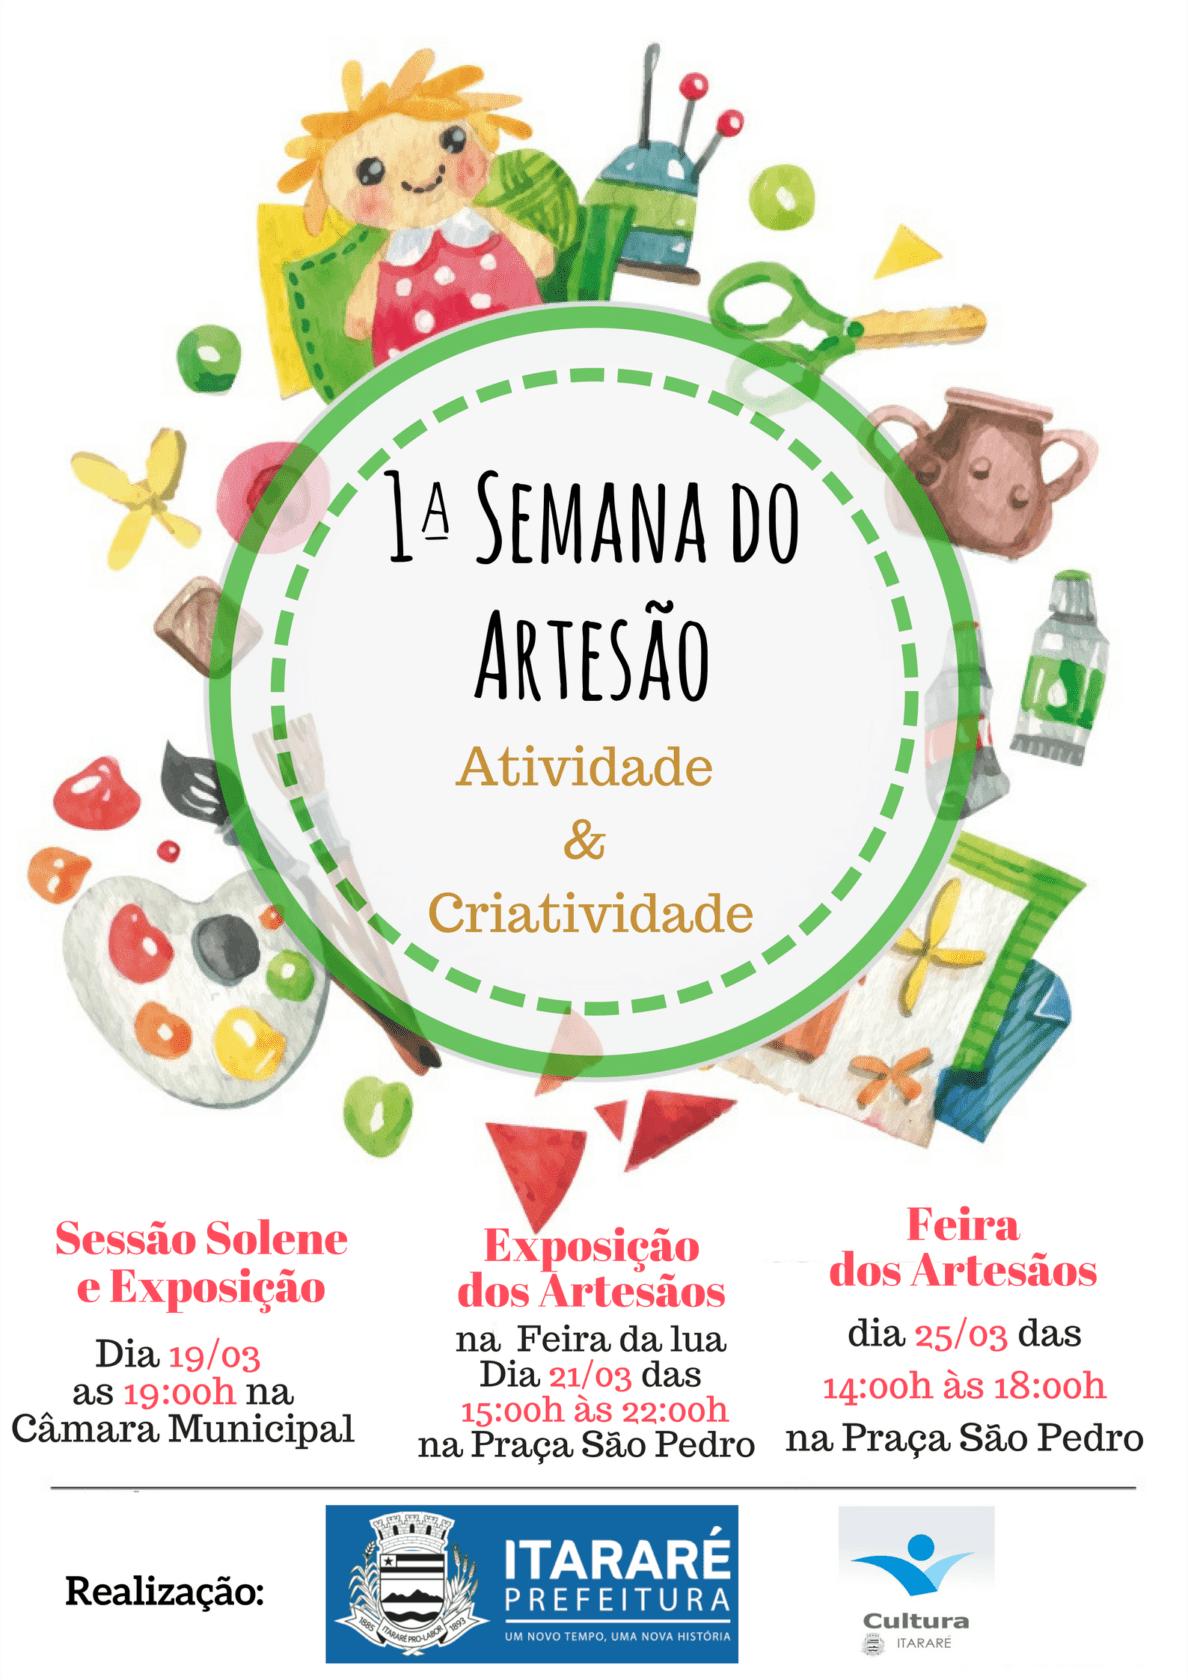 Cultura de Itararé (SP) realiza primeira 'Semana do Artesão'